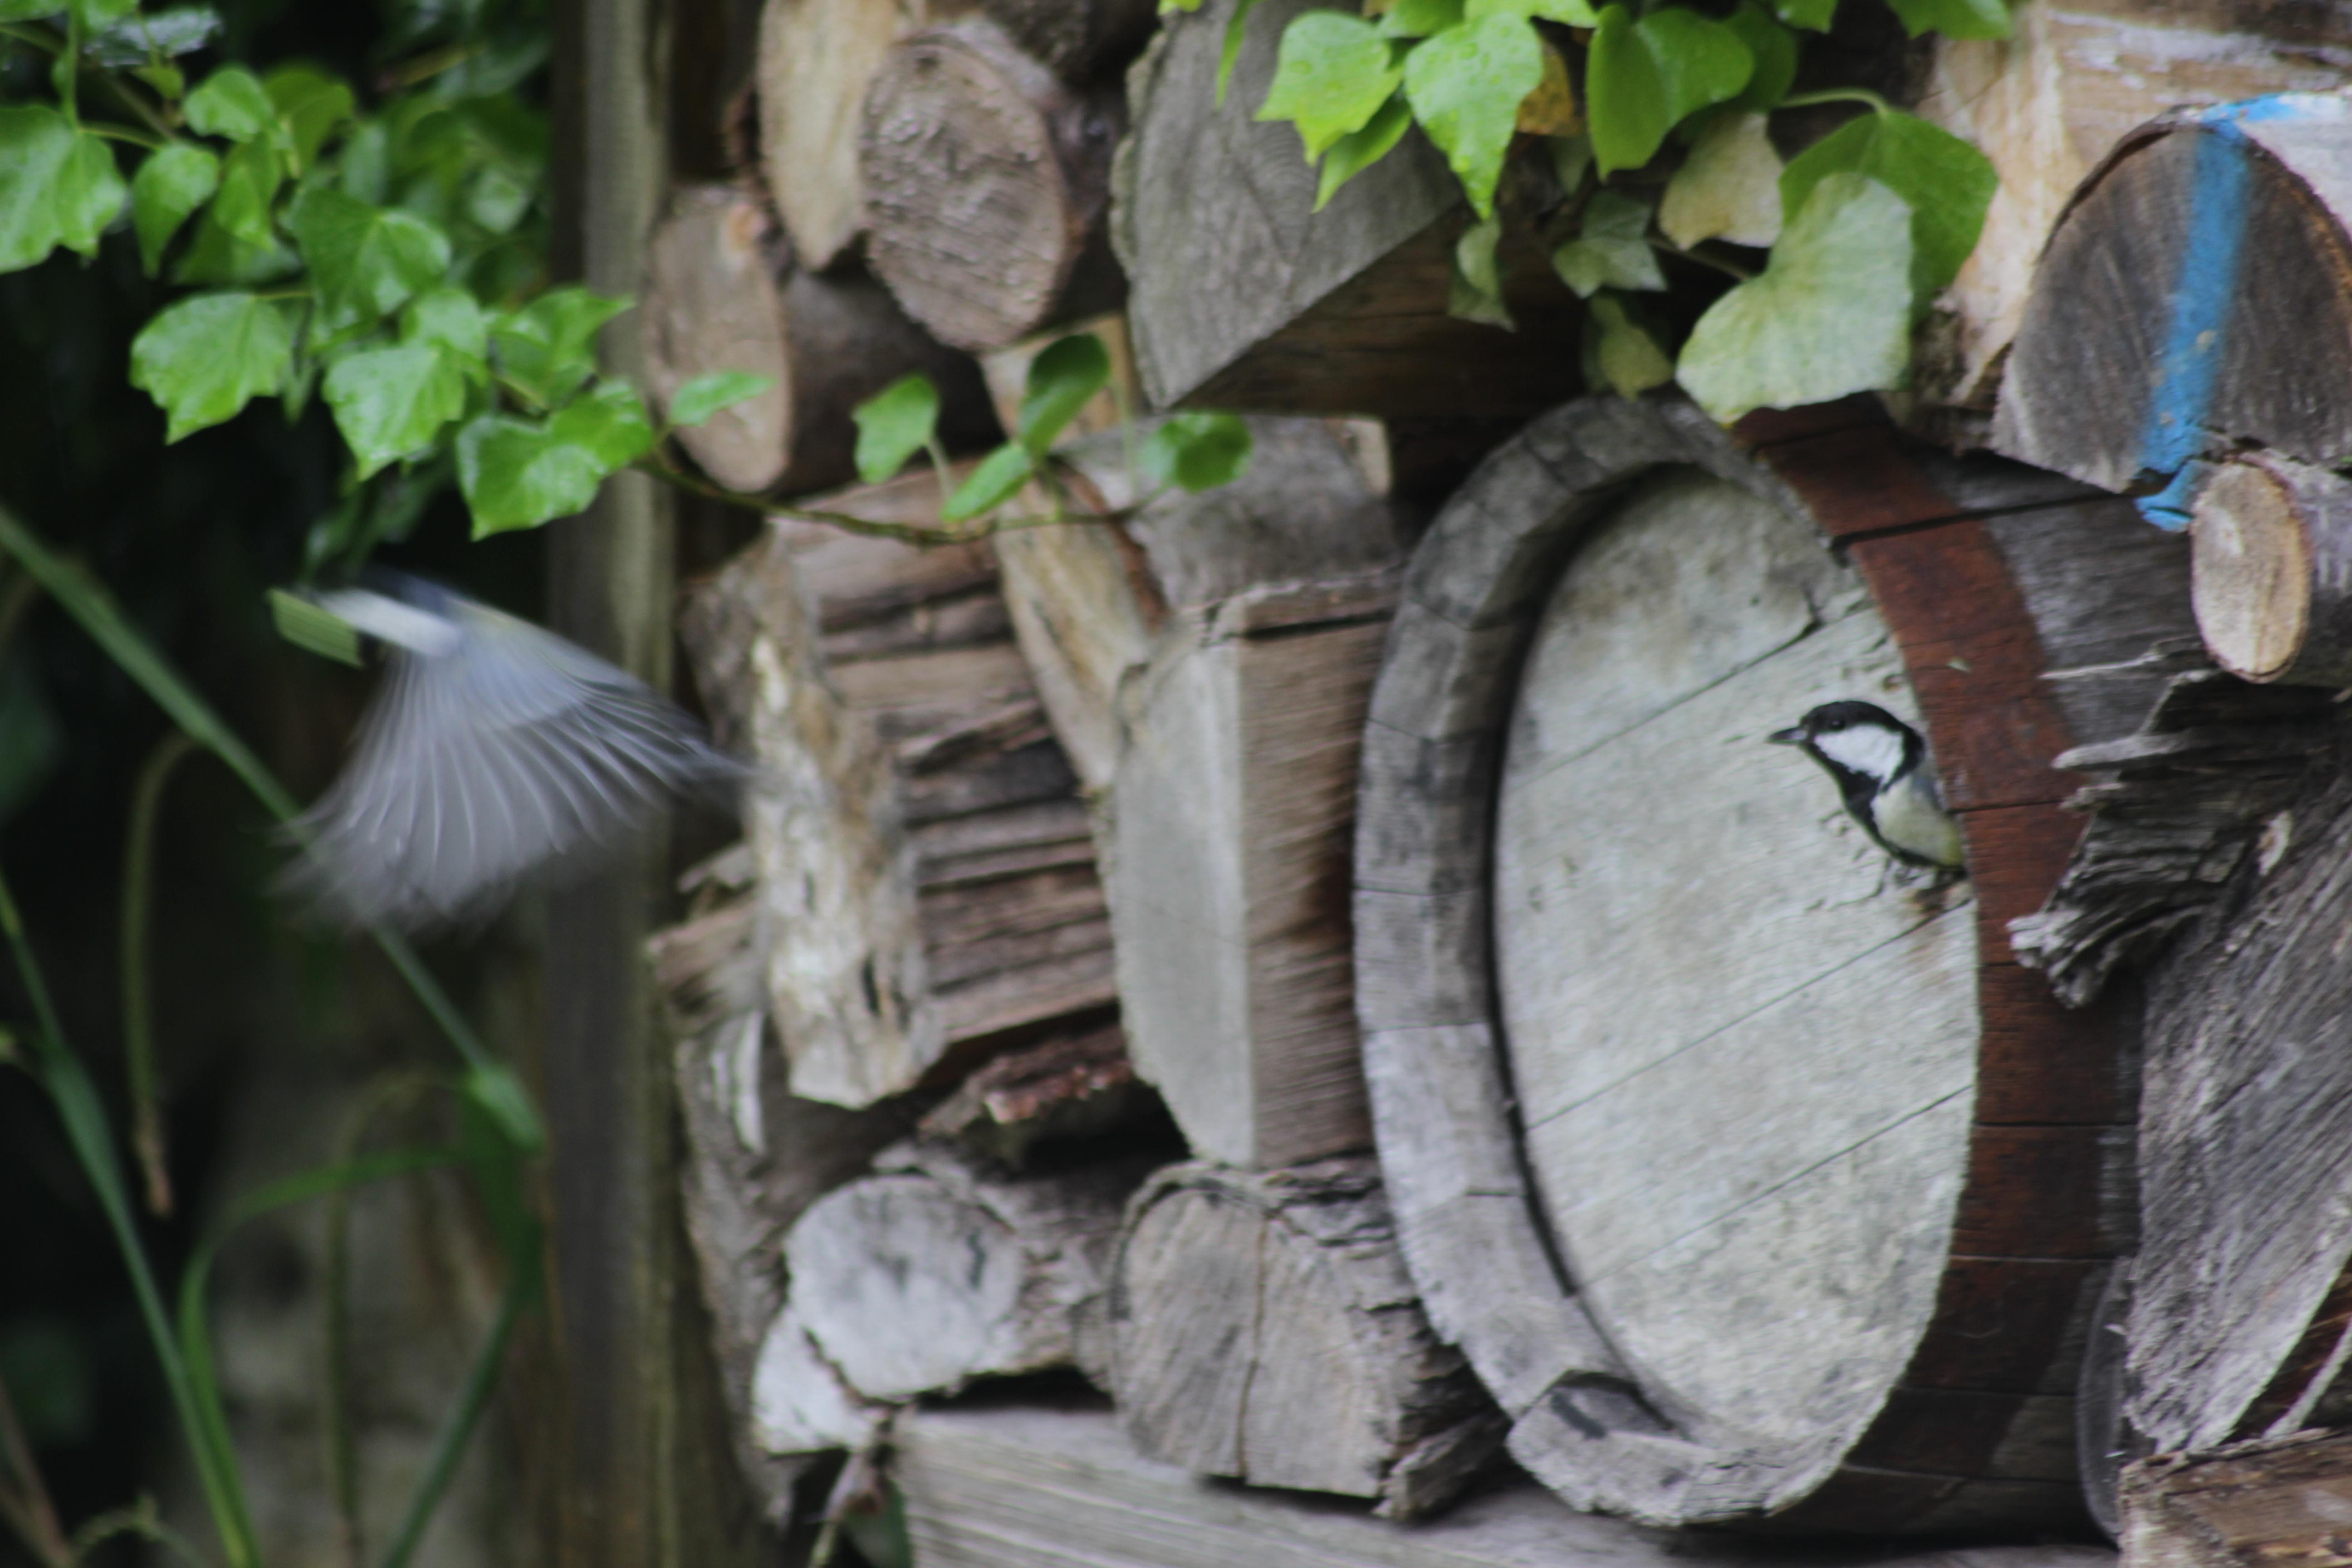 Jean paul les jardins de no les jardins de no for Jardin entretien jean paul traineau